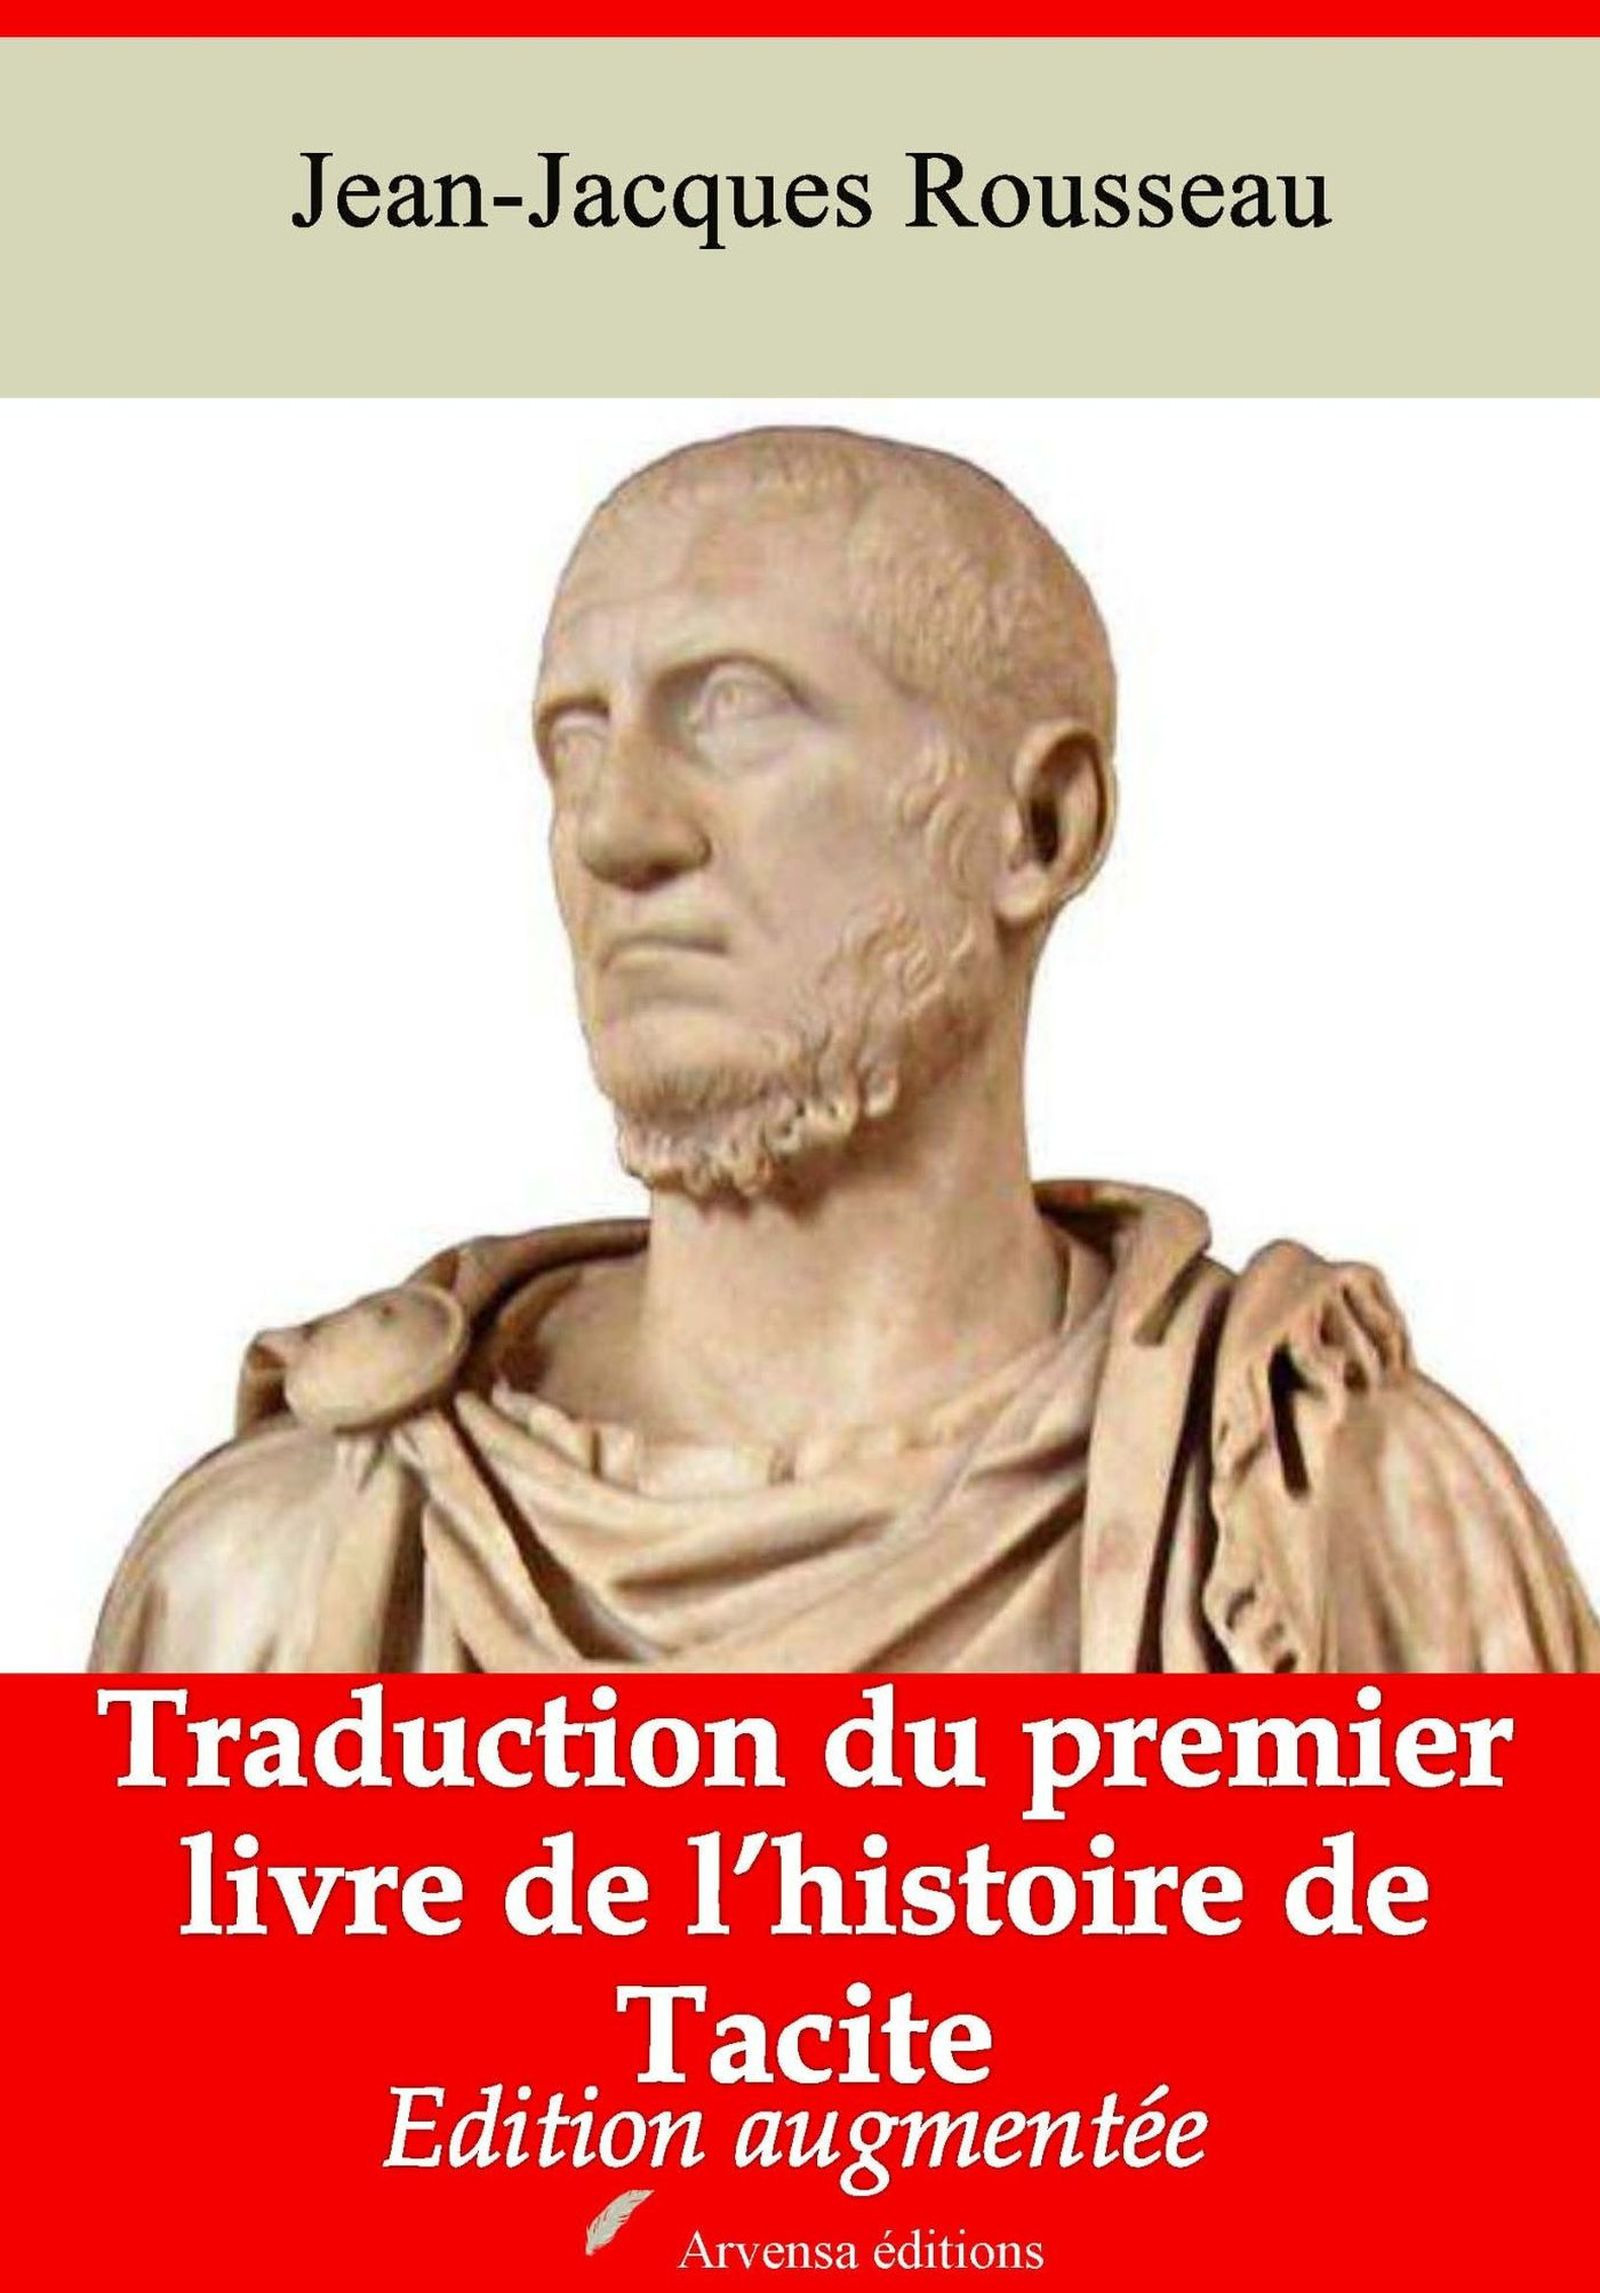 Traduction du premier livre de l'histoire de Tacite - suivi d'annexes